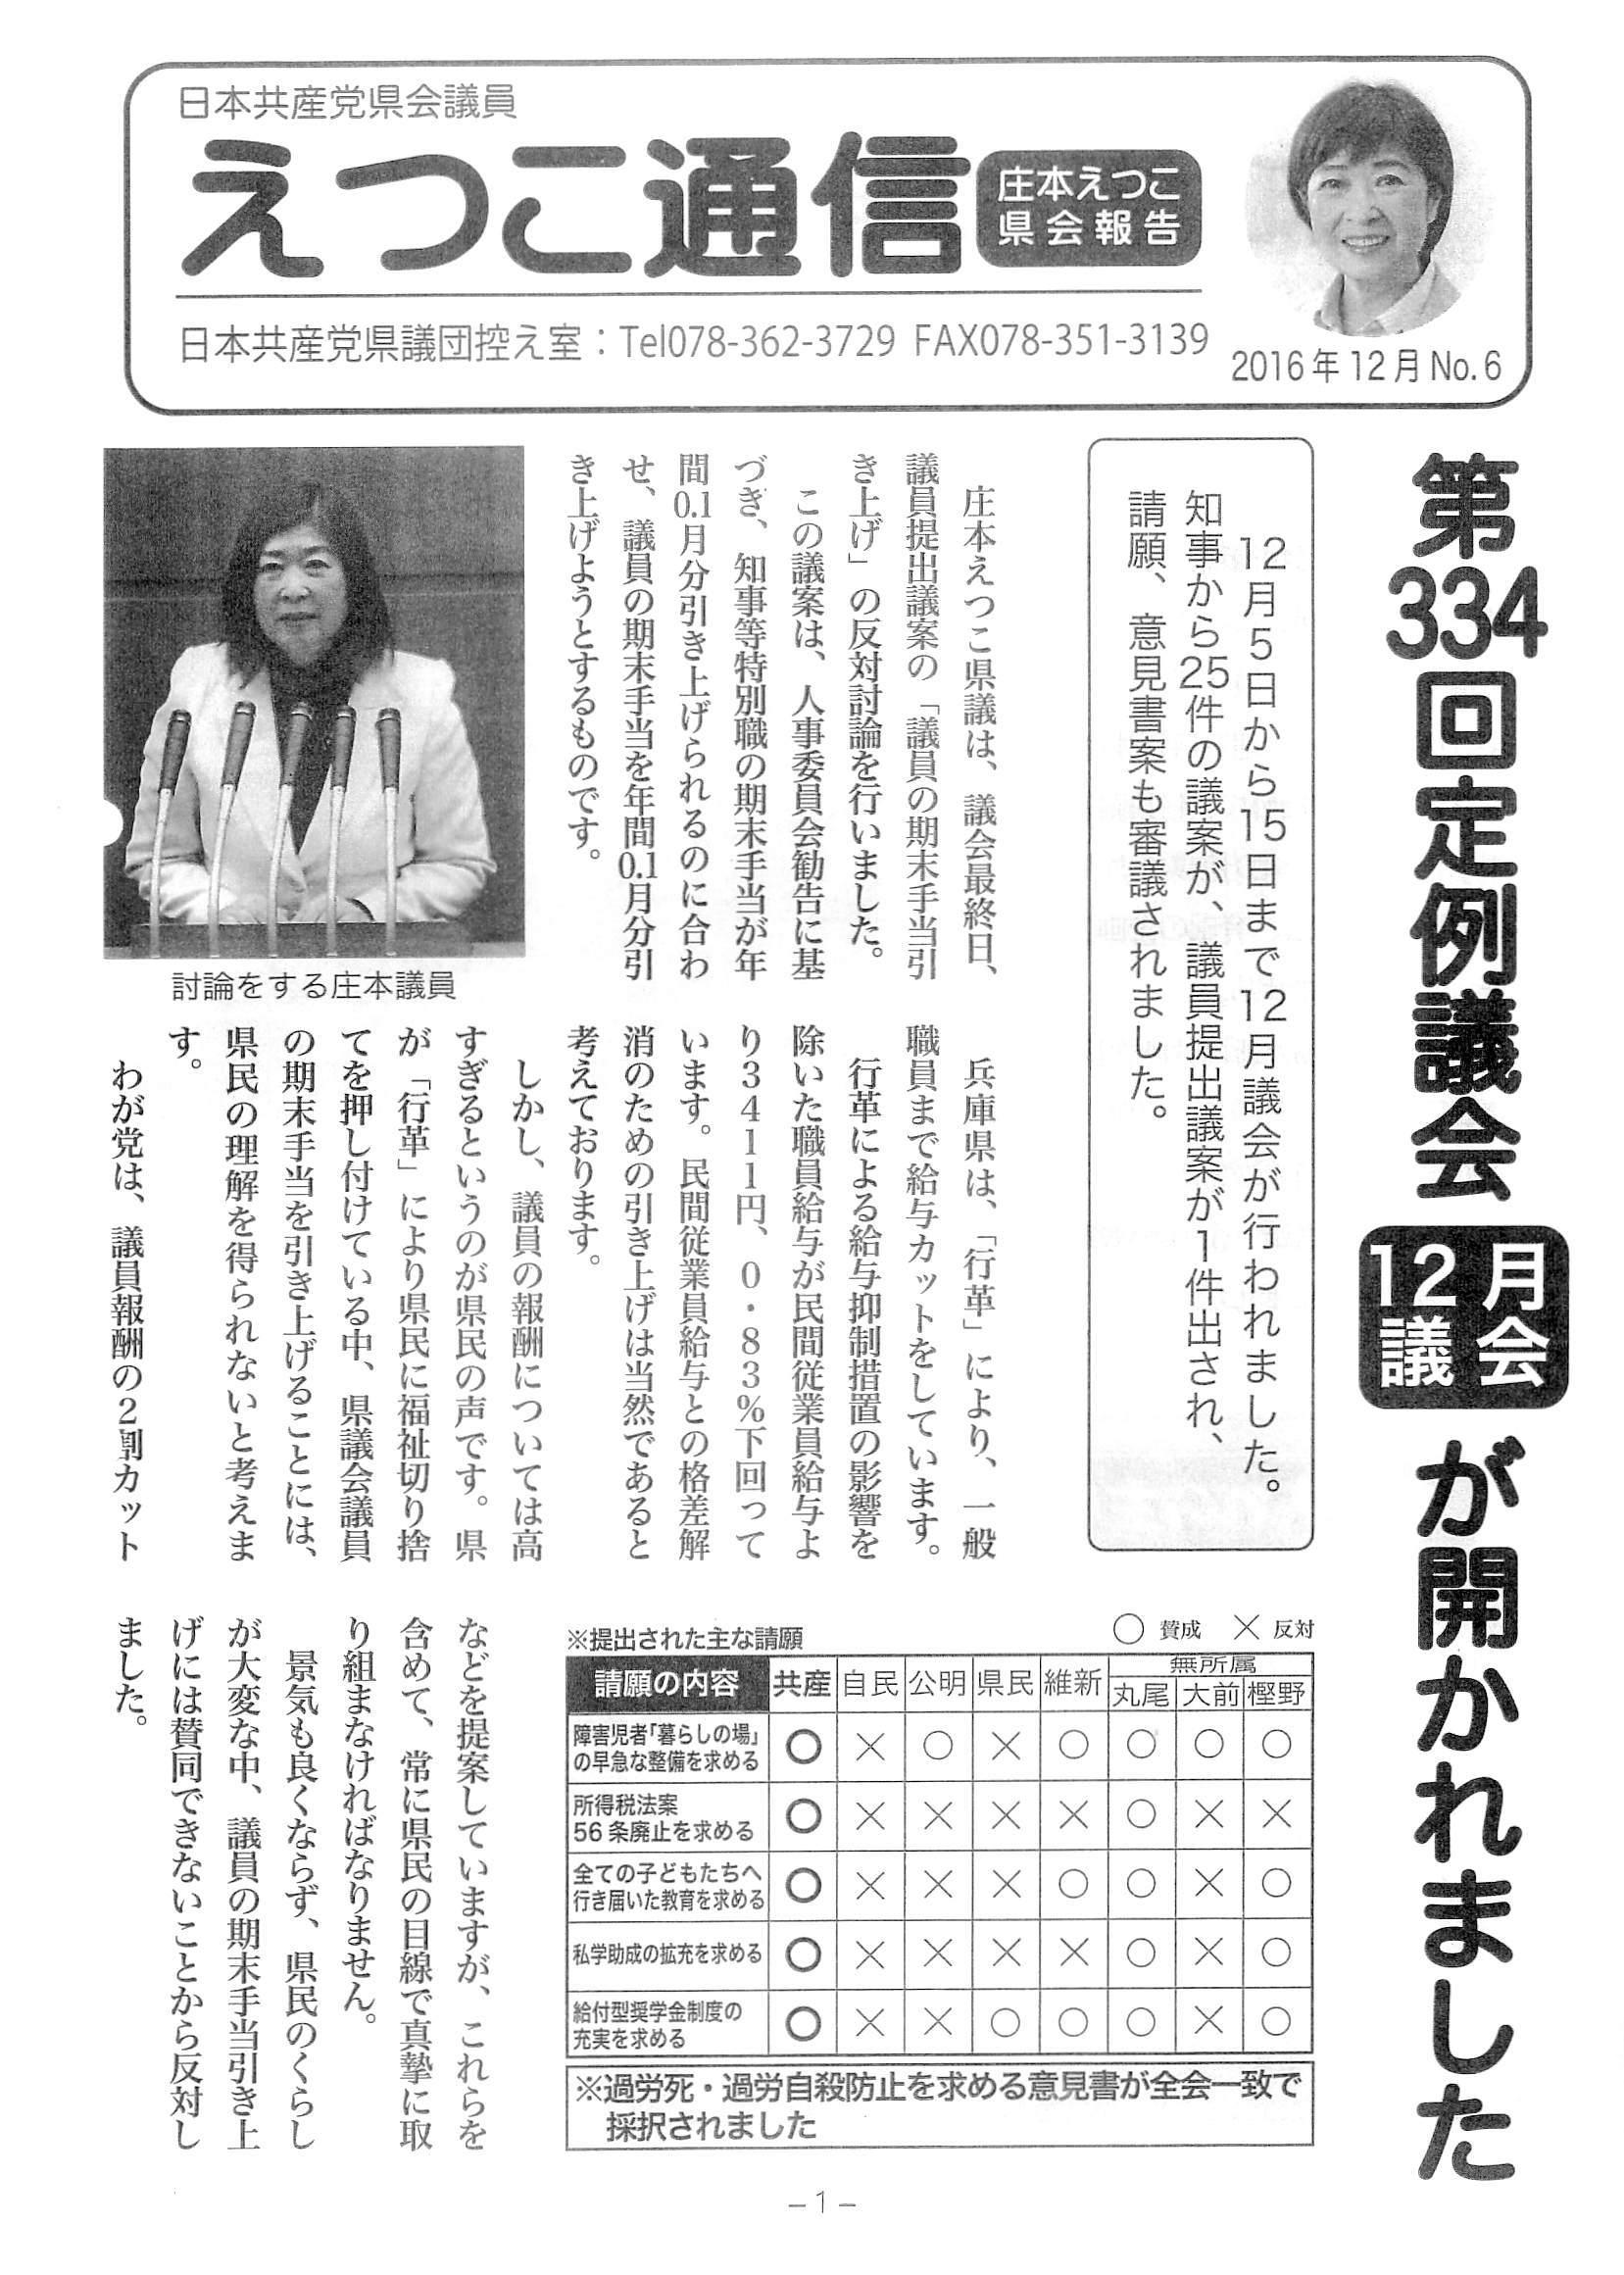 えつこ通信 №6 2016年12月_b0253602_13131284.jpg